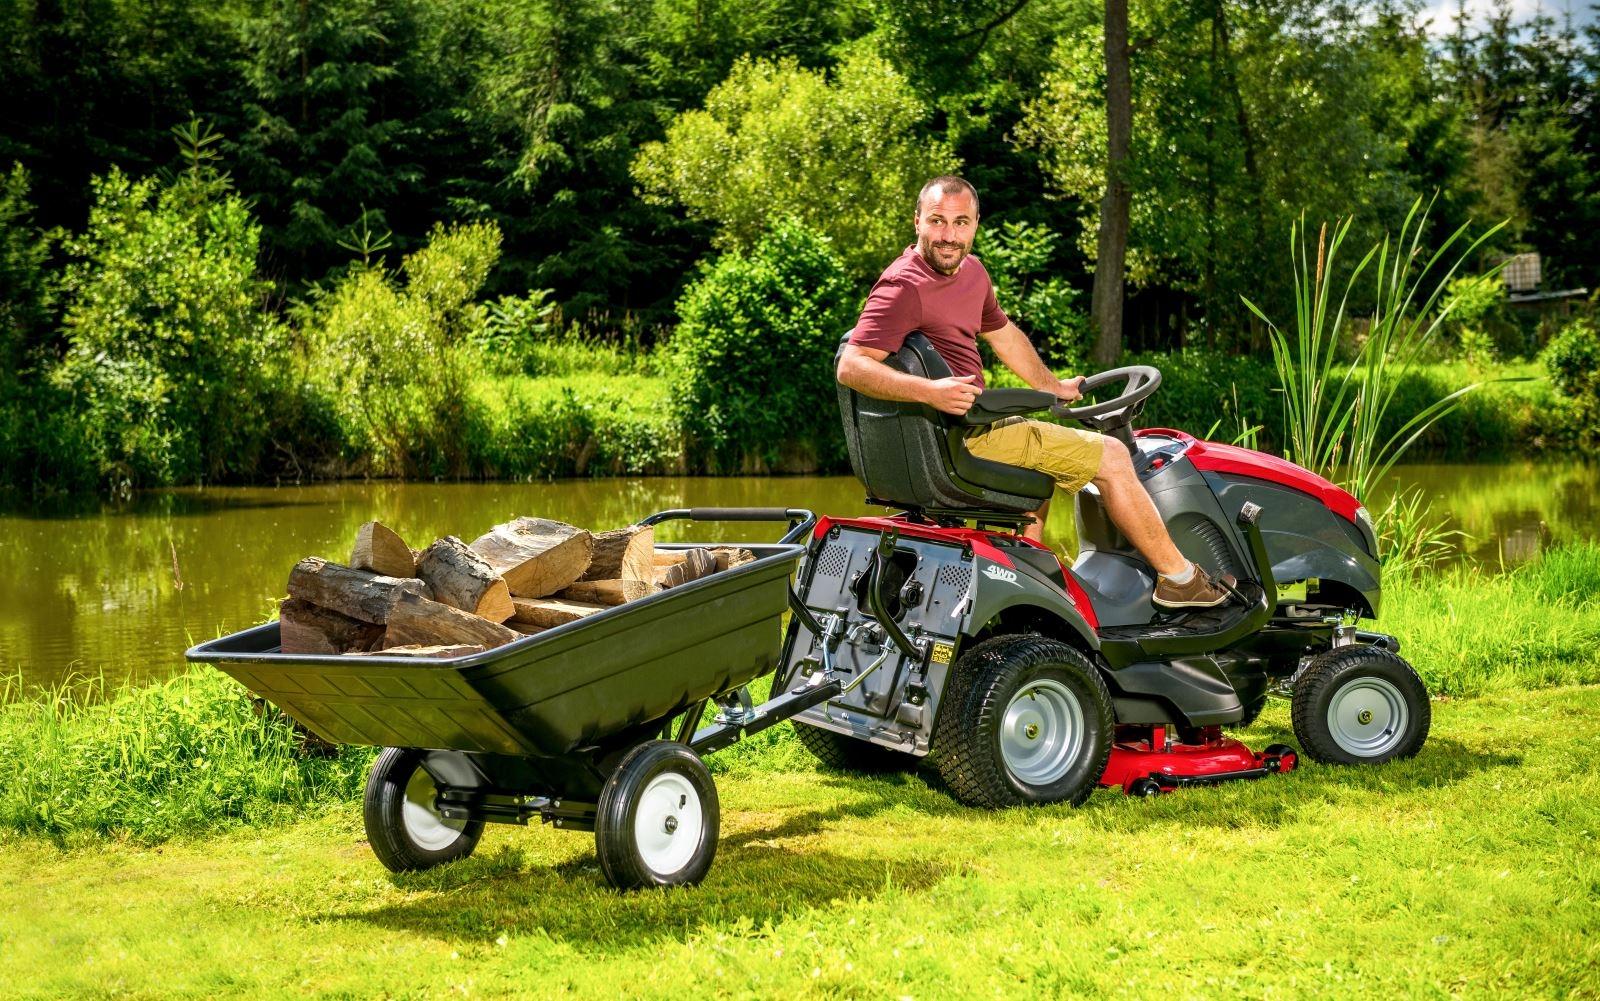 Zahradní traktor – jak nám může sloužit během celého roku